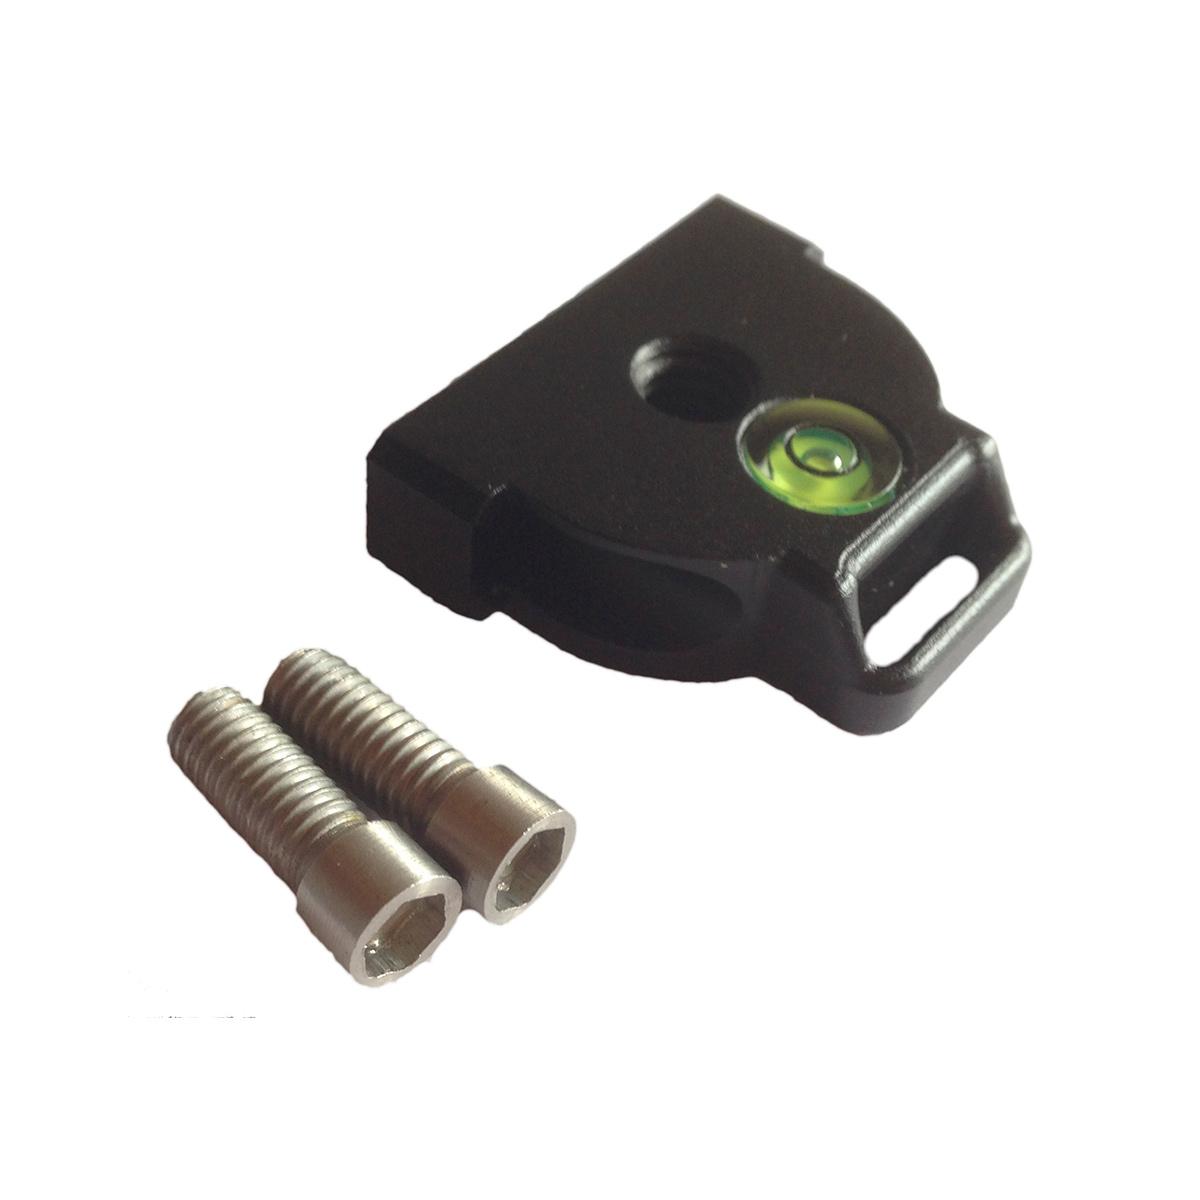 QRPアダプター(水準器つき)